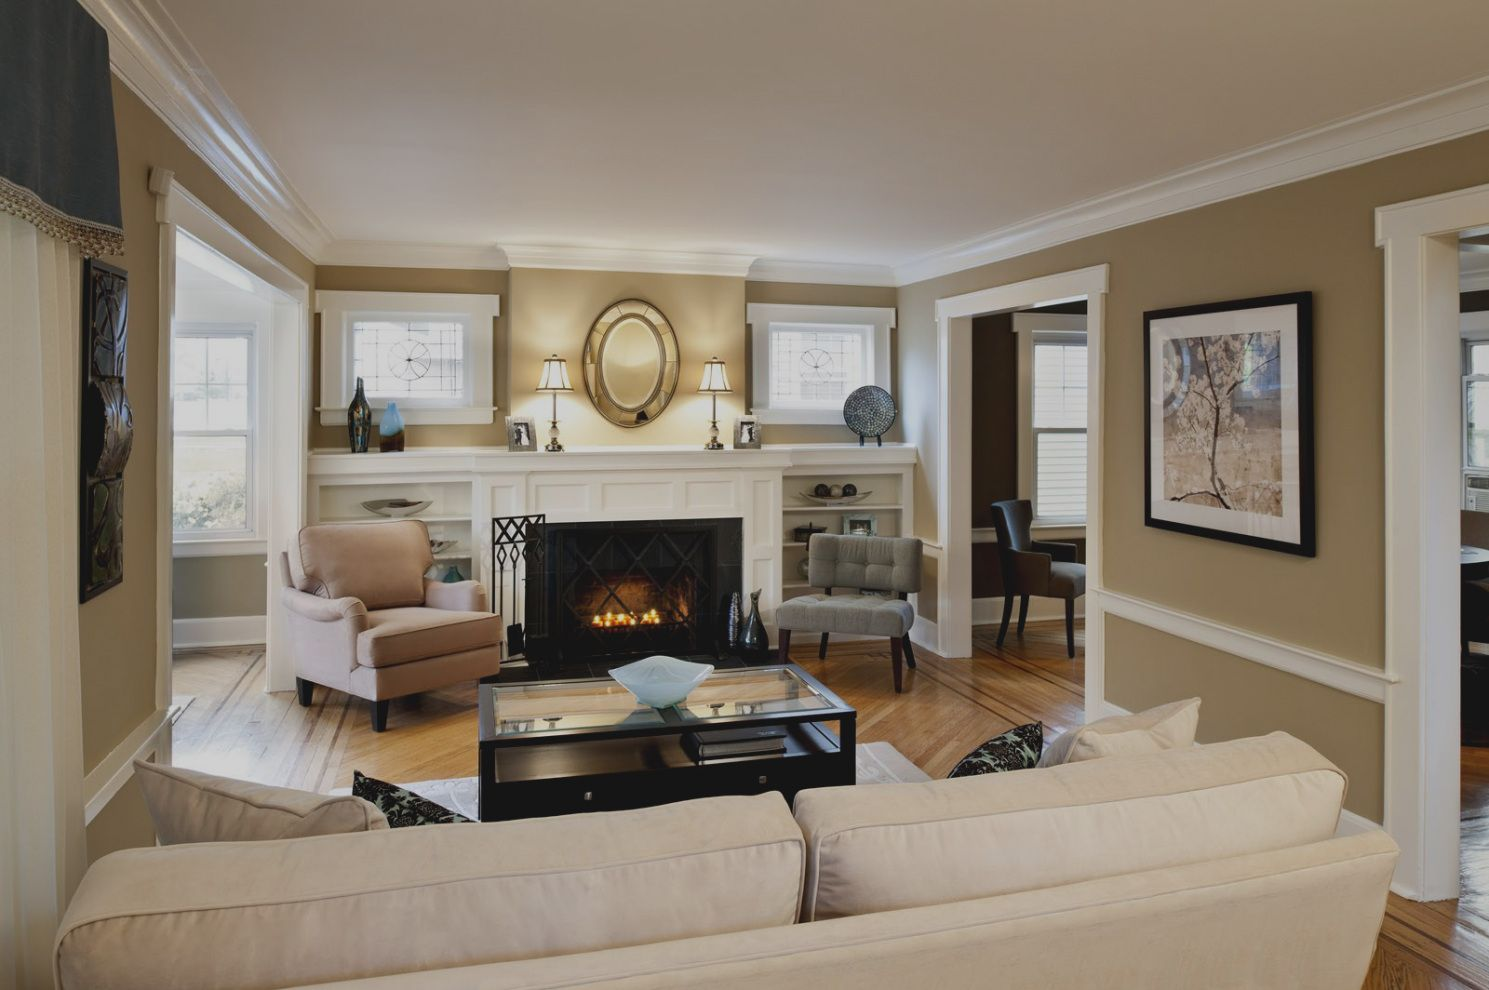 Wohnzimmer Gestalten Mit Farbe, wohnzimmer gestalten farben | wohnzimmer wandgestaltung streichen, Design ideen